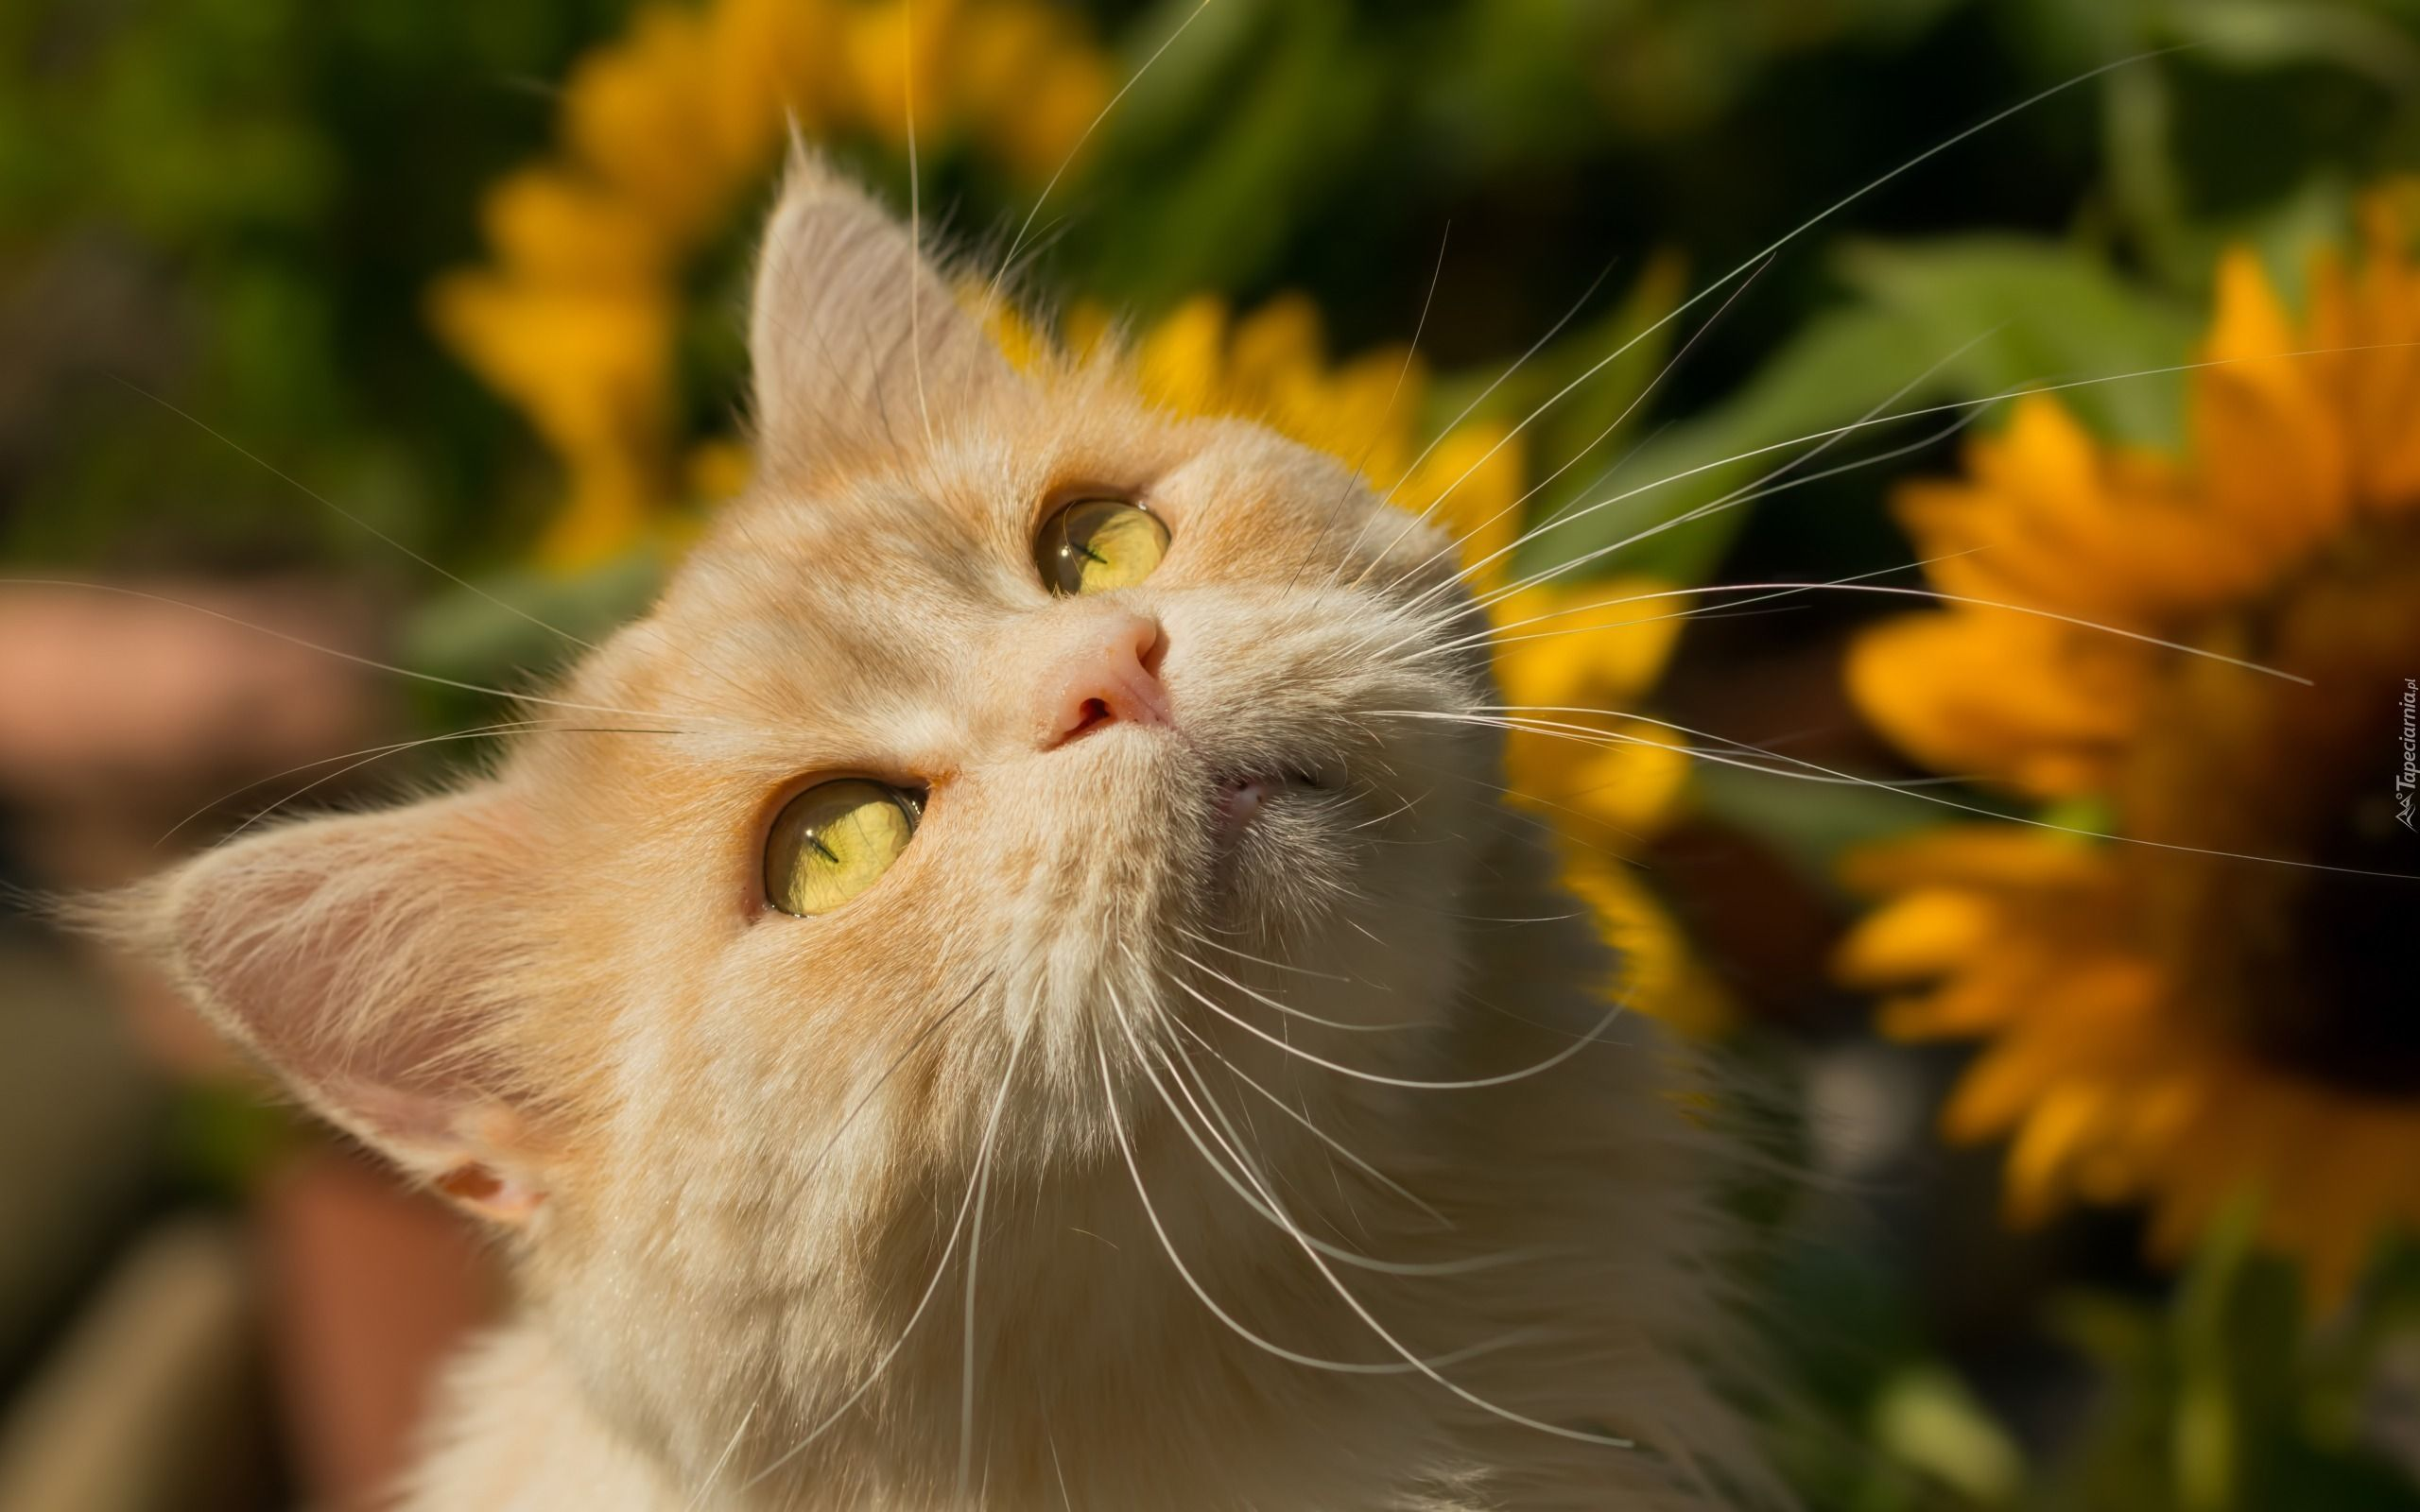 Rudy Kot Słoneczniki Tapety Zwierzęta Tapeciarniapl